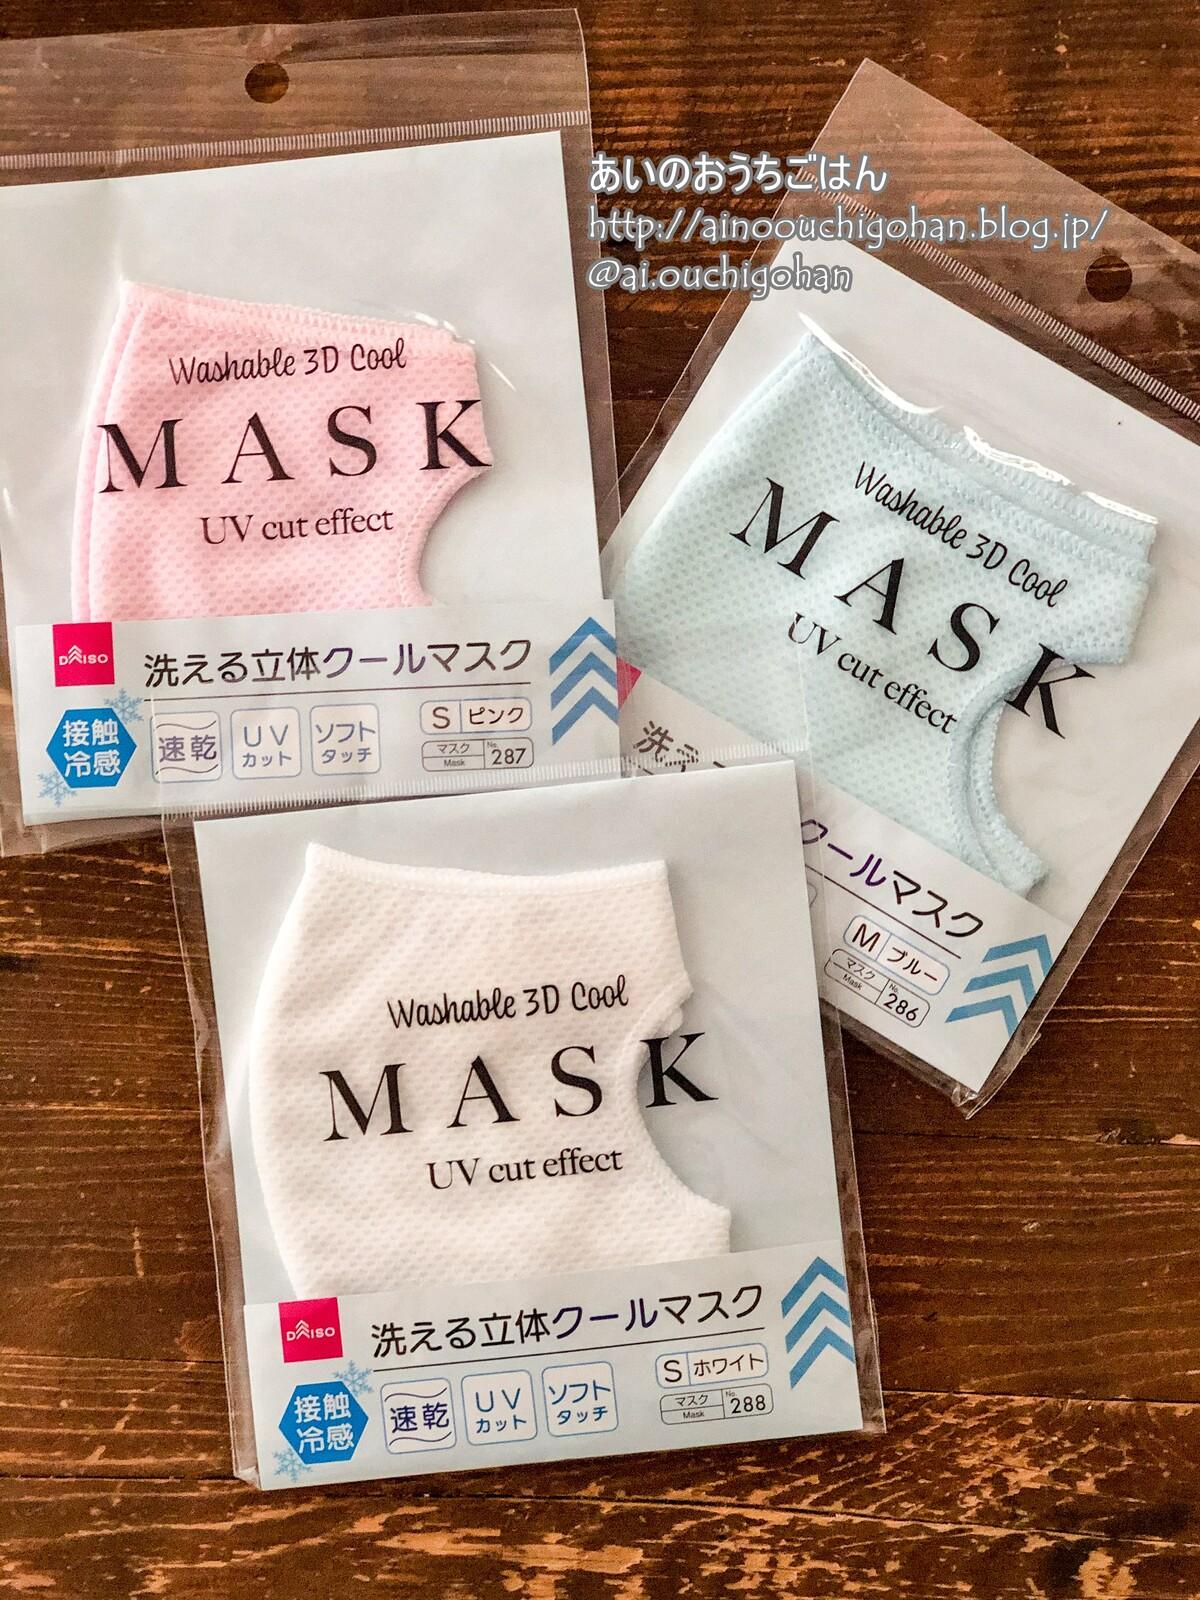 マスク 100 均